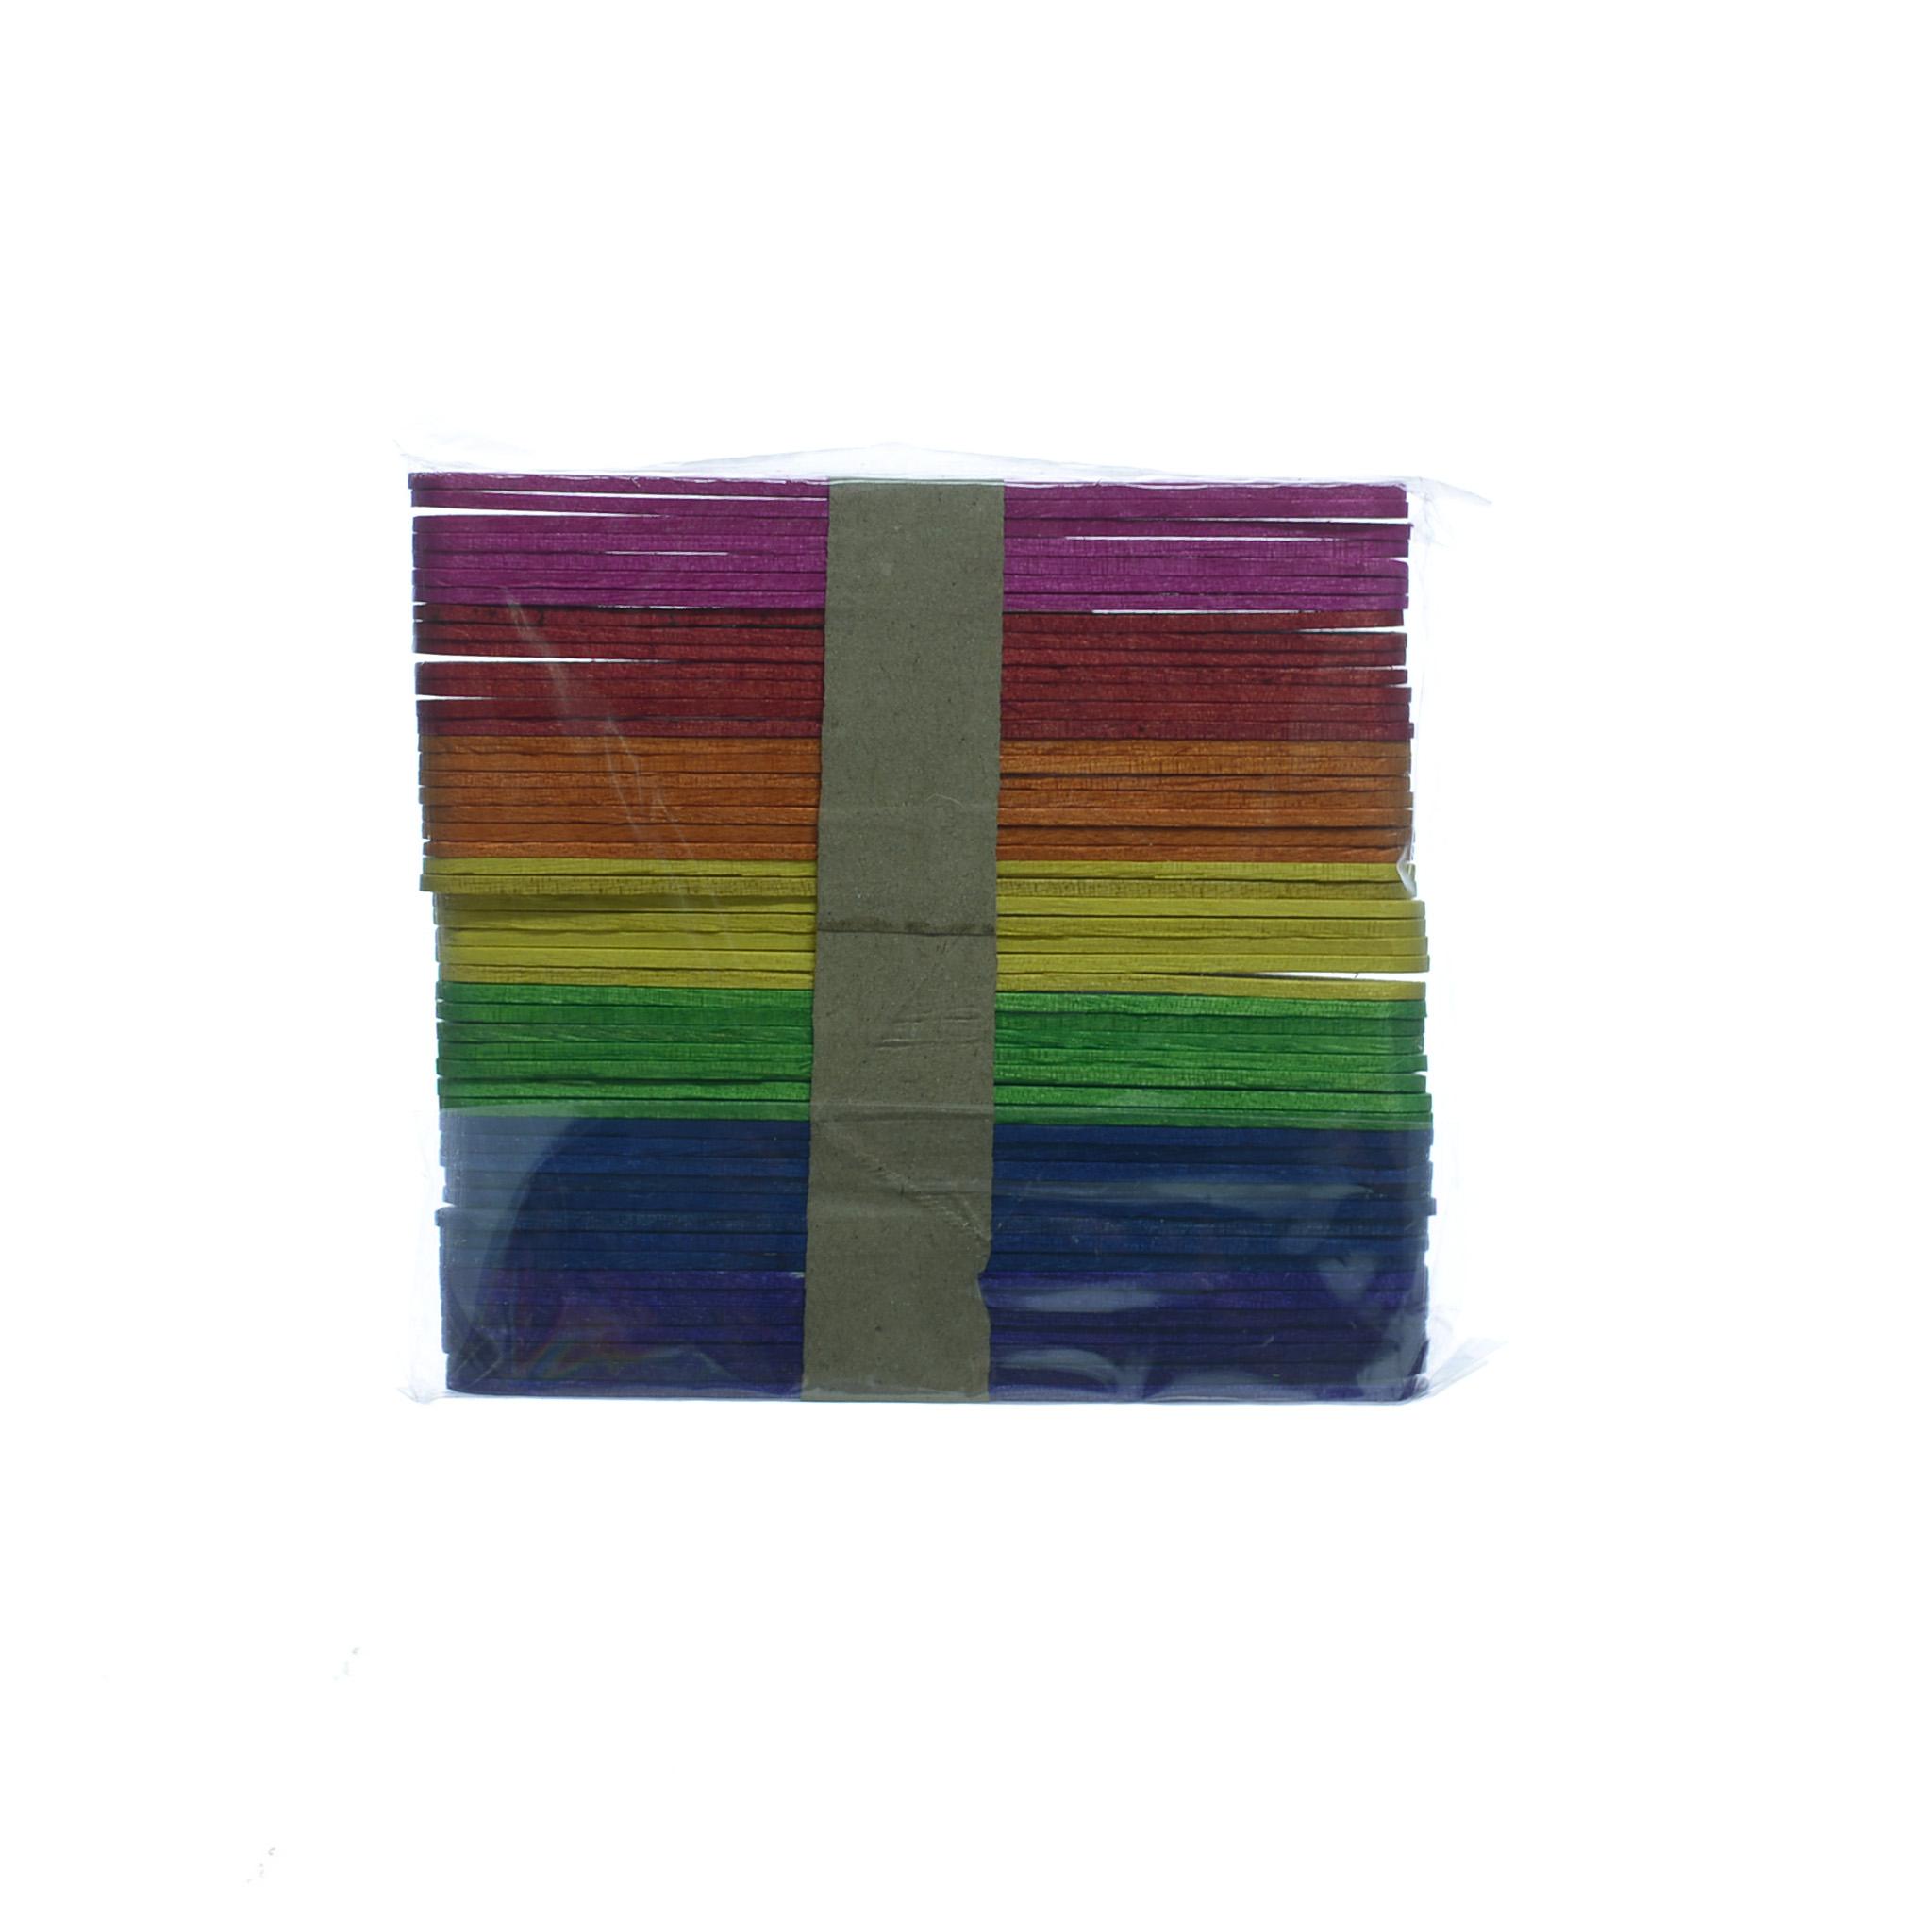 ไม้ไอติมคละสี (1x50) ย.4.5นิ้ว